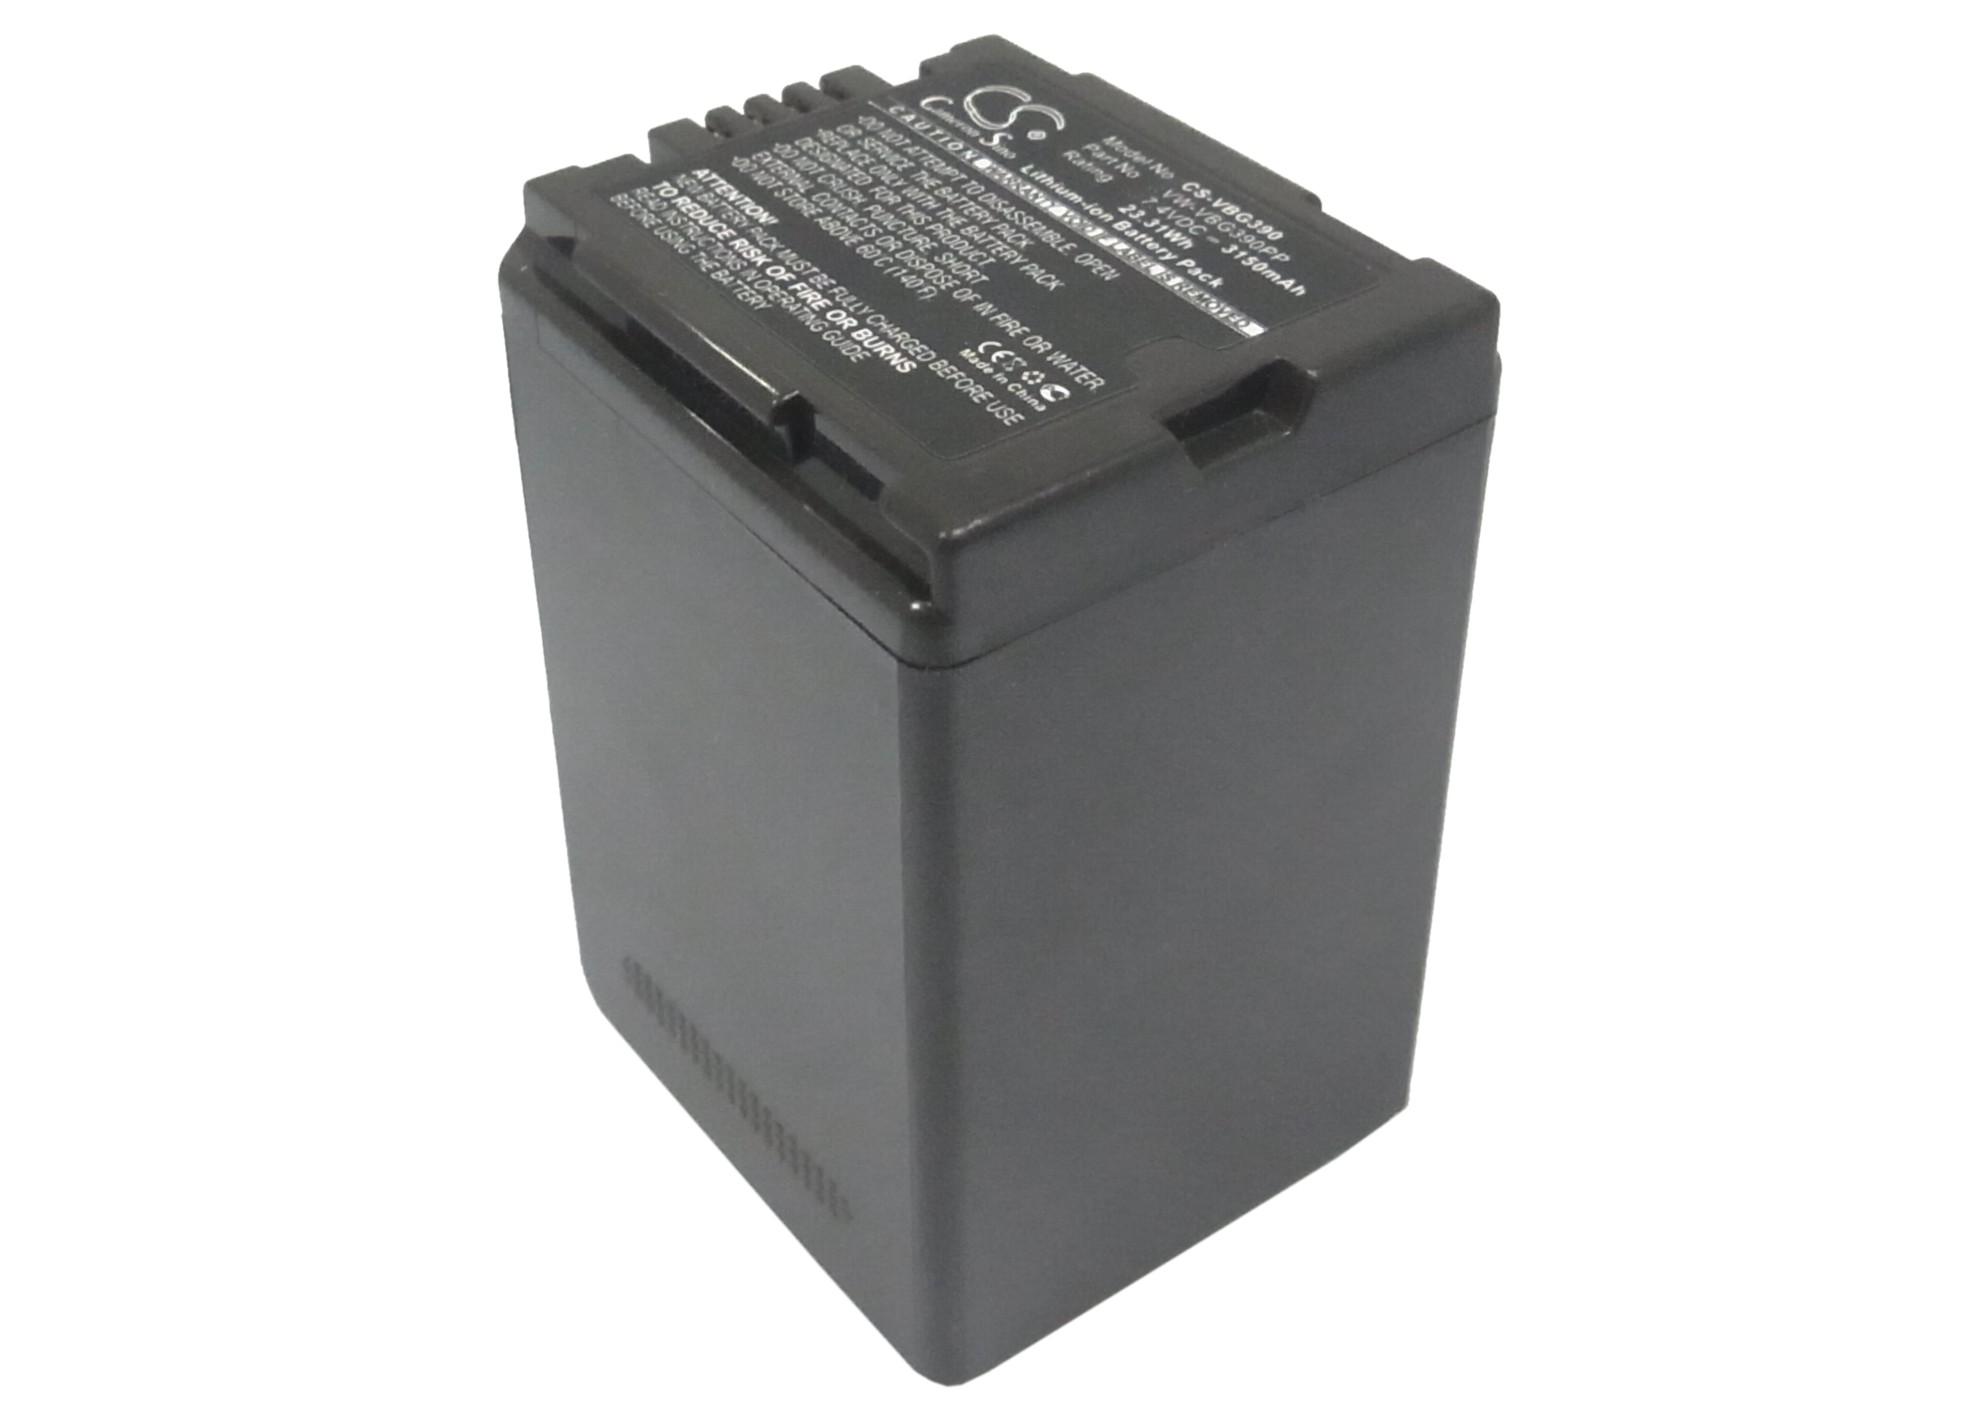 Cameron Sino baterie do kamer a fotoaparátů pro PANASONIC HDC-HS300 7.4V Li-ion 3150mAh šedá - neoriginální